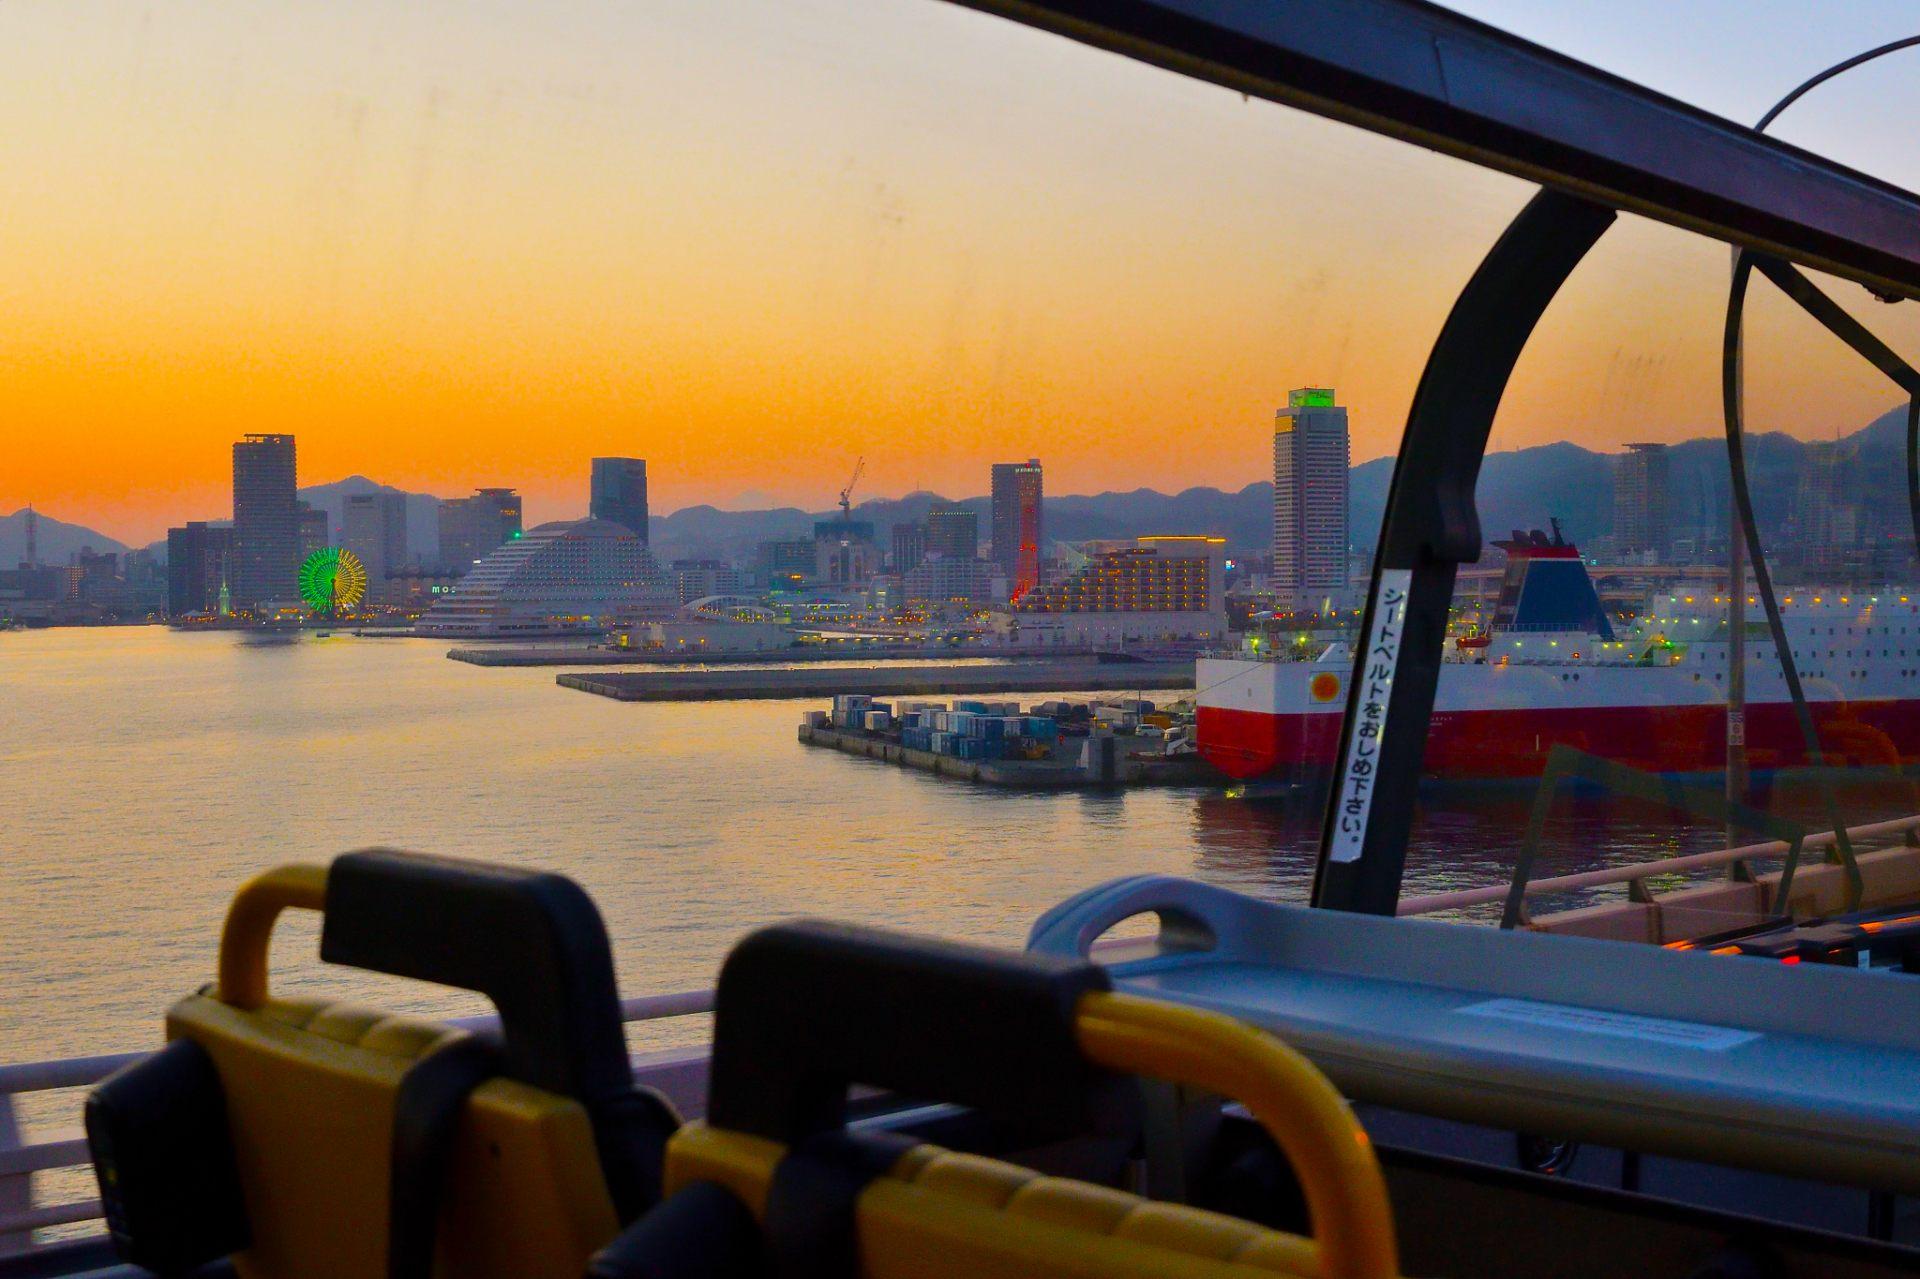 從神戶大橋上眺望神戶的夕陽美景。